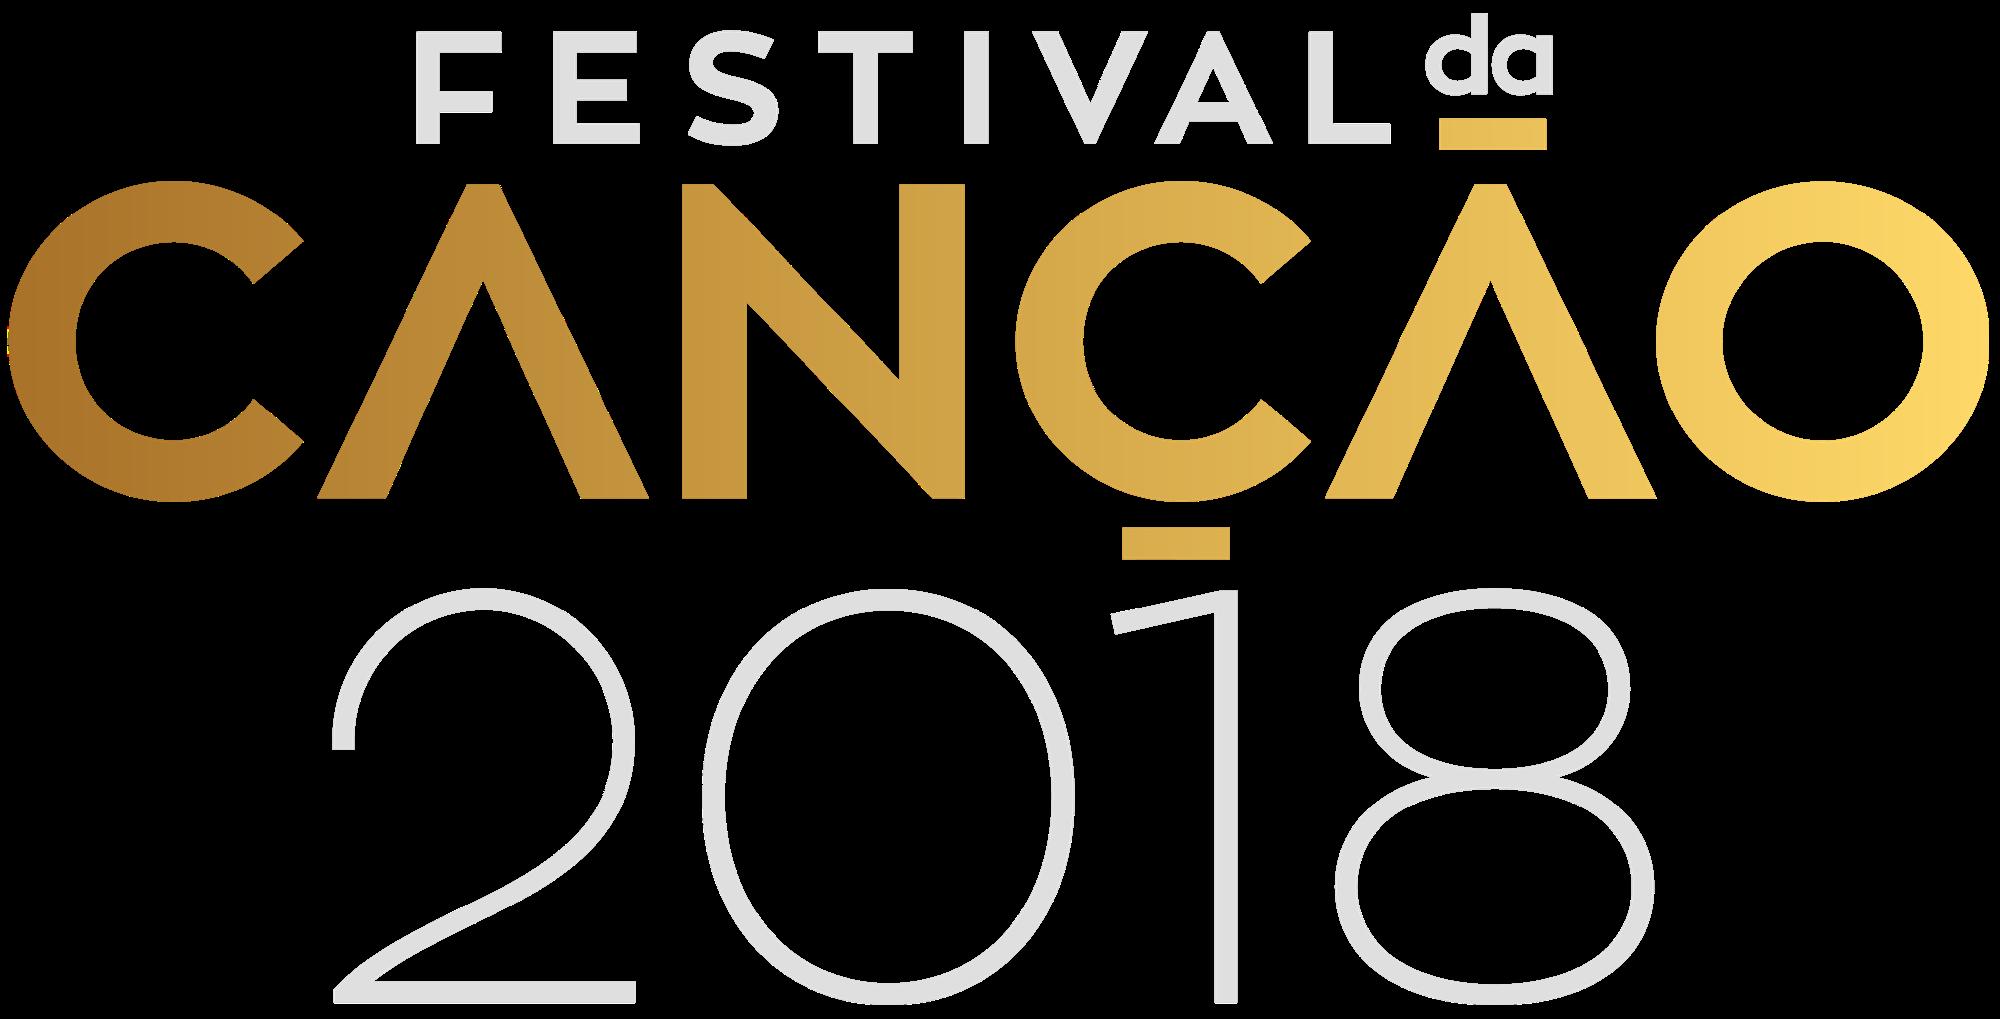 Logotipo Festival da Canção Antena1 Vídeo